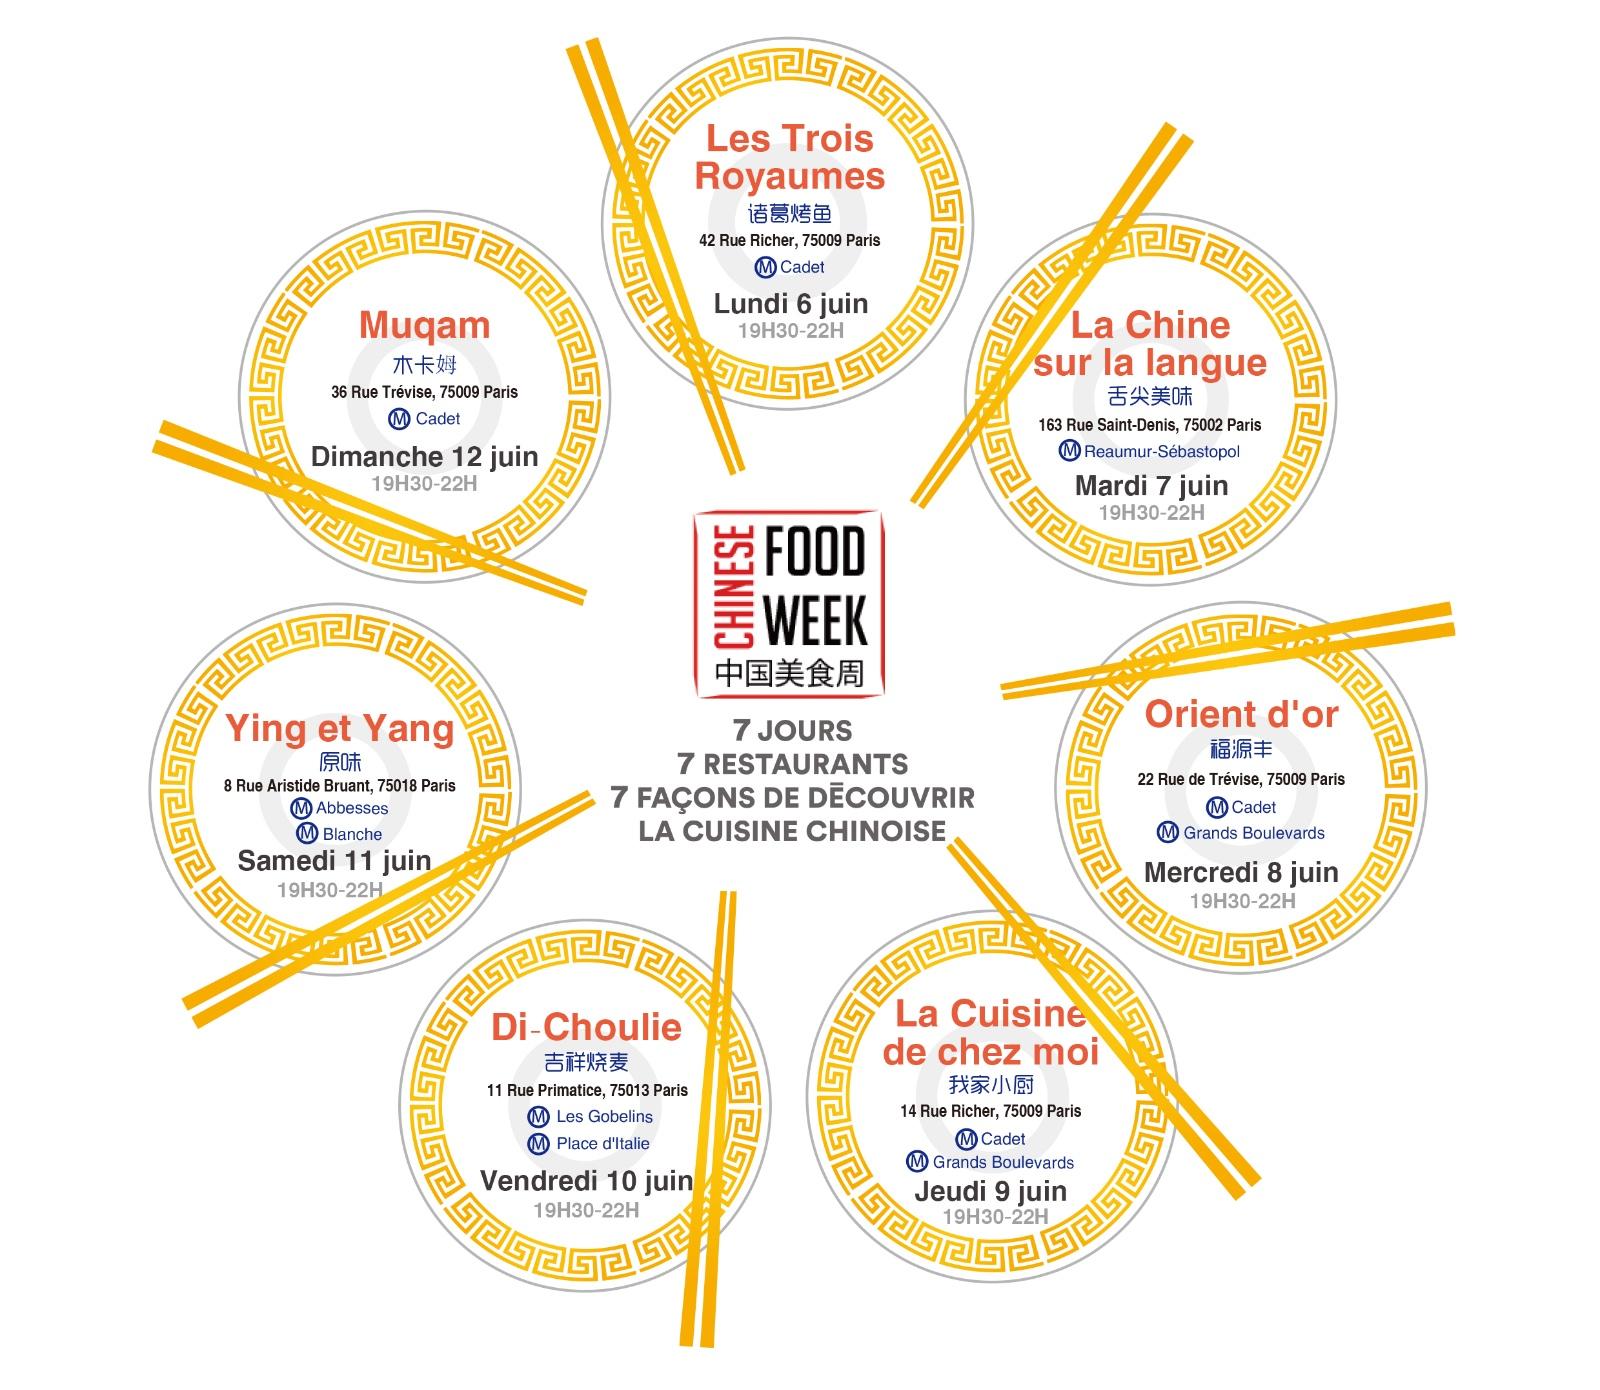 第三届中国美食周啊同志们!吃起来啊!